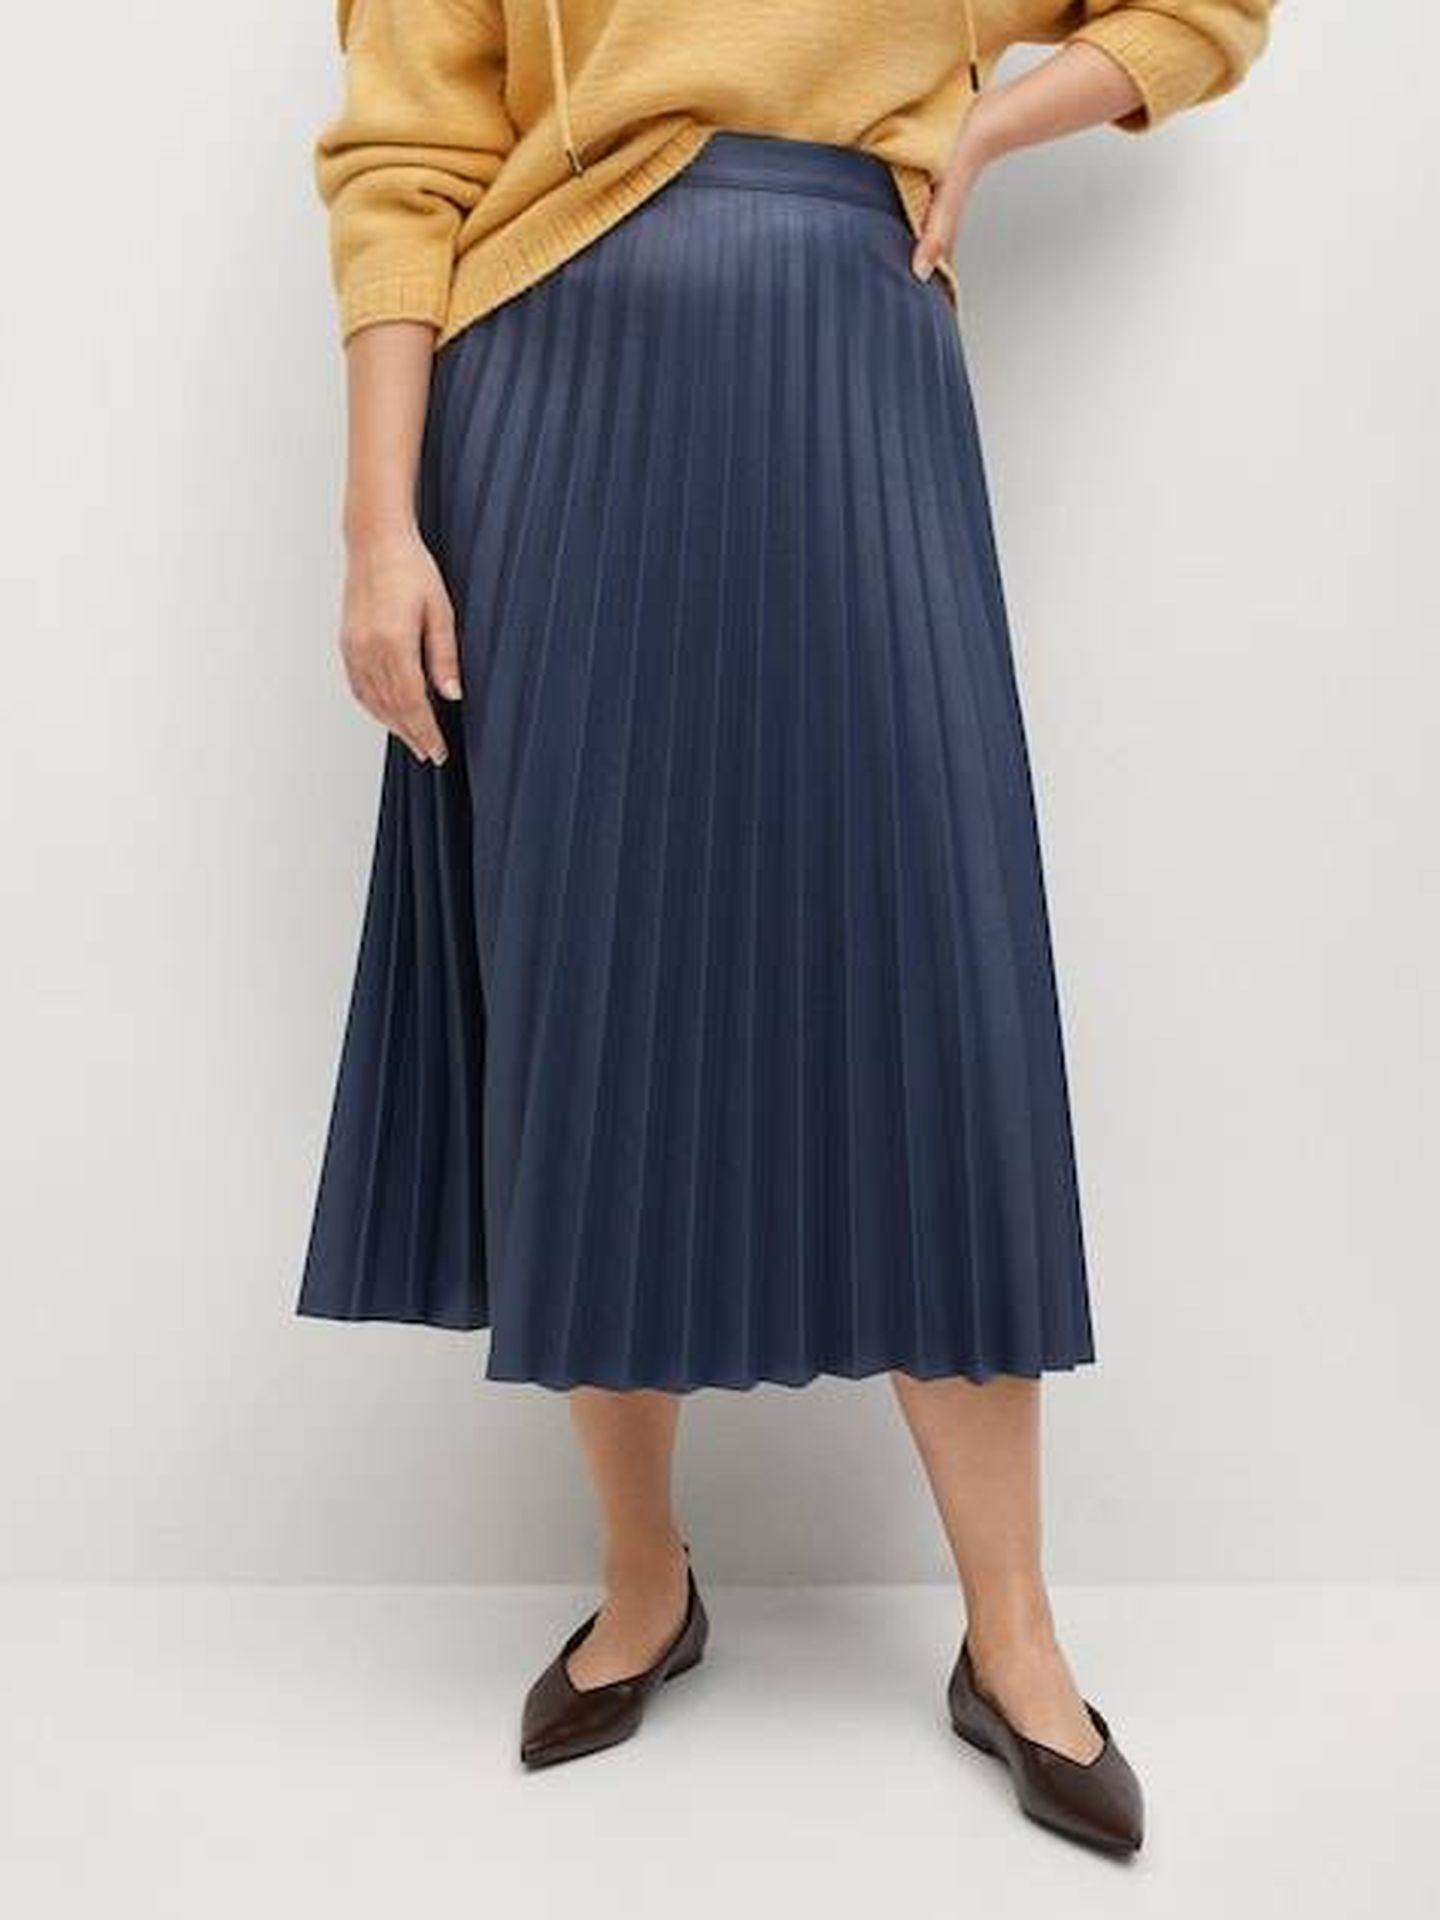 Falda de Mango que estiliza cintura. (Cortesía)